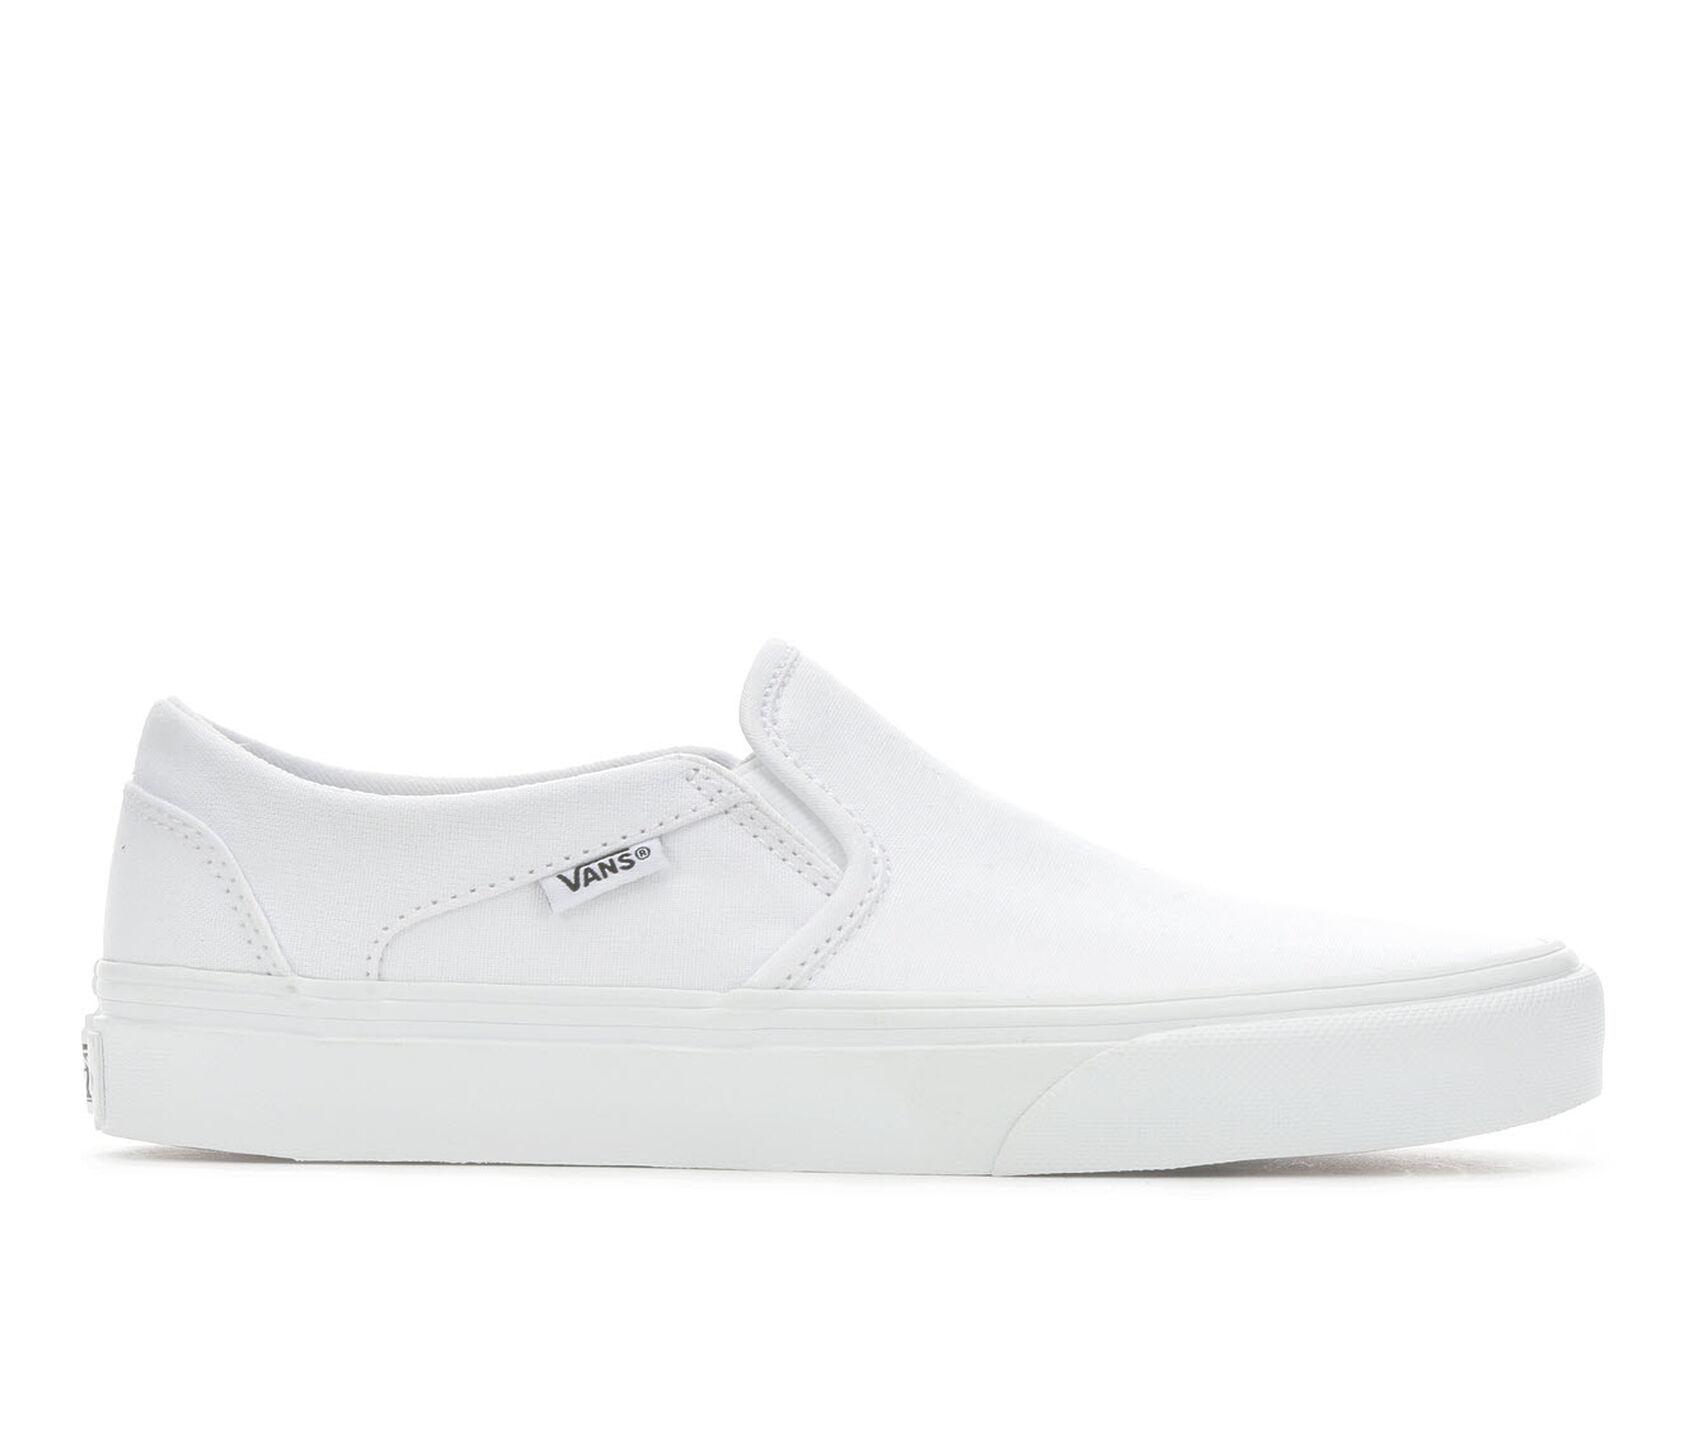 ba2bb9c74921 Women's Vans Asher Slip-On Skate Shoes | Shoe Carnival